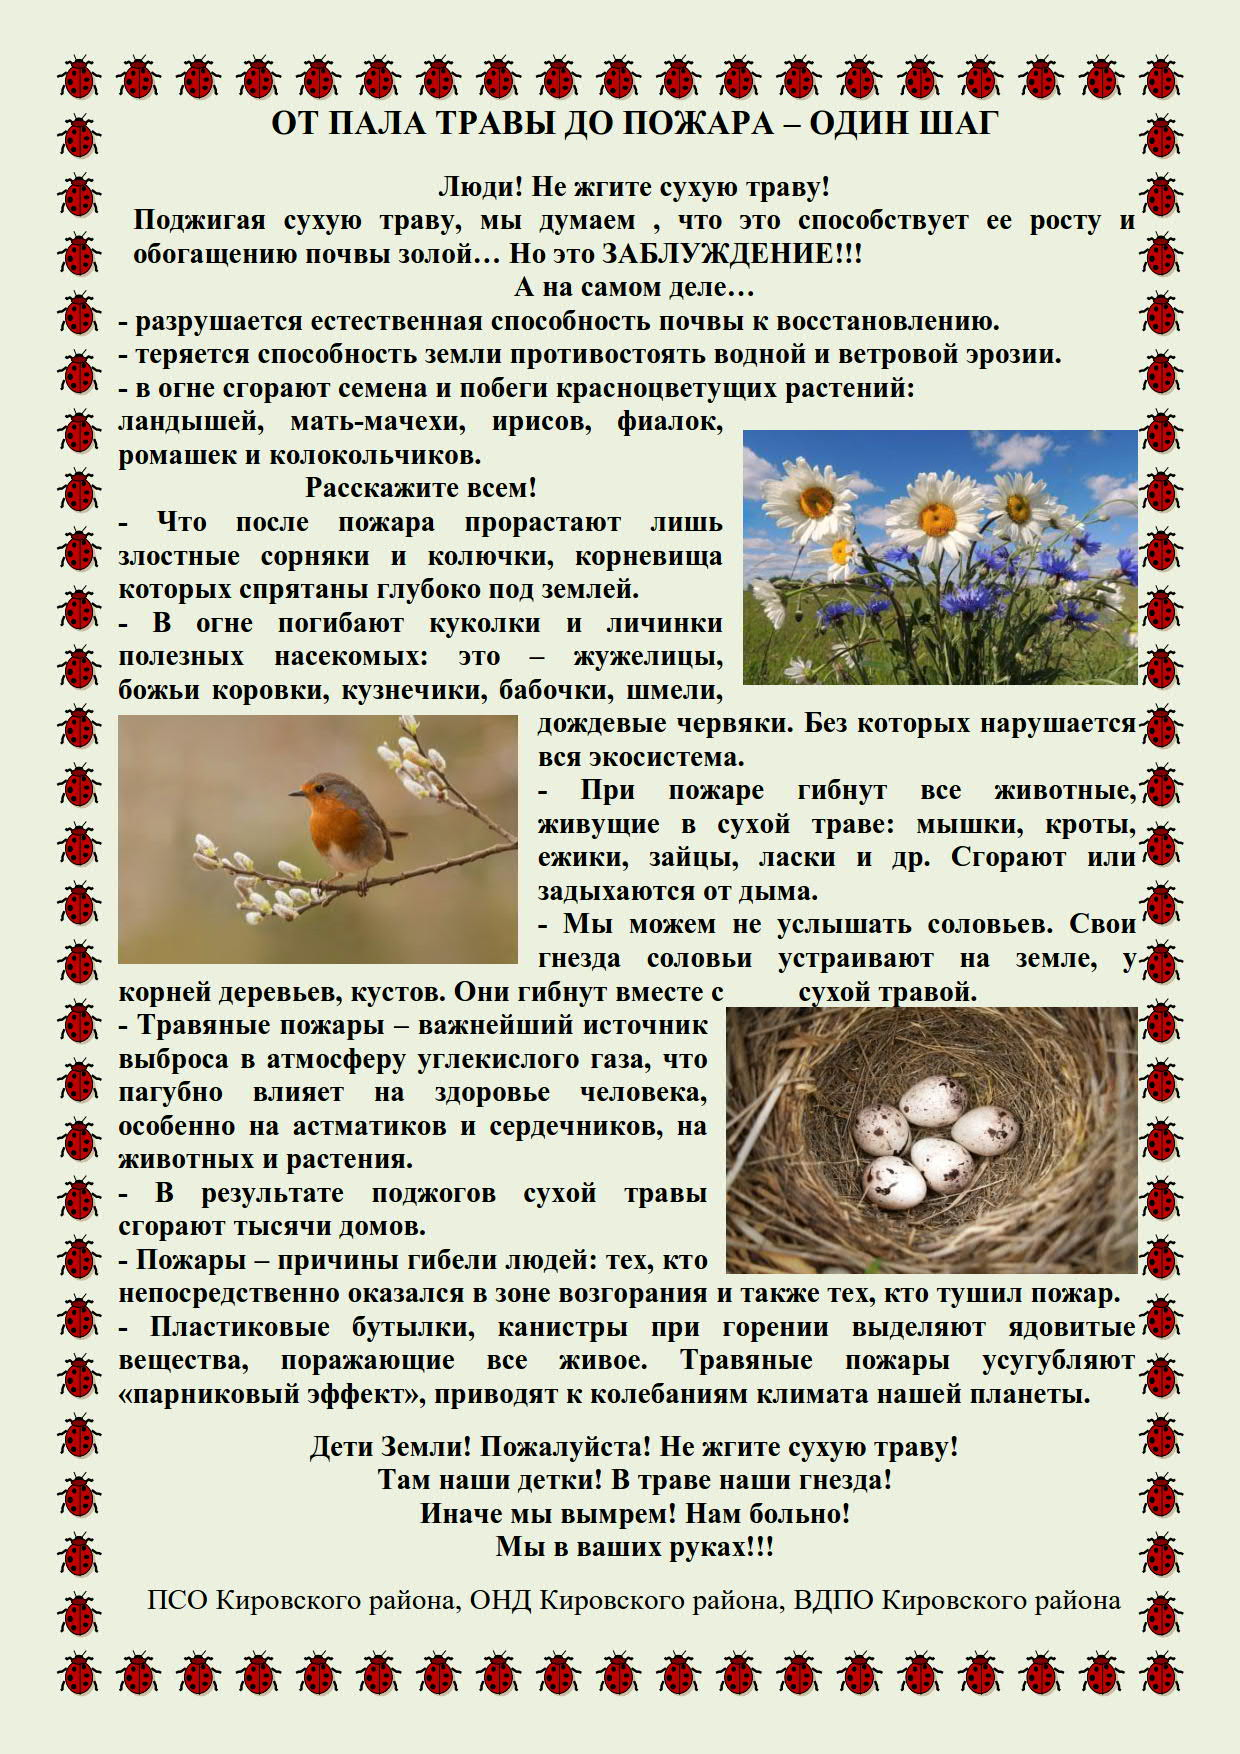 ПАЛ травы - 31_1